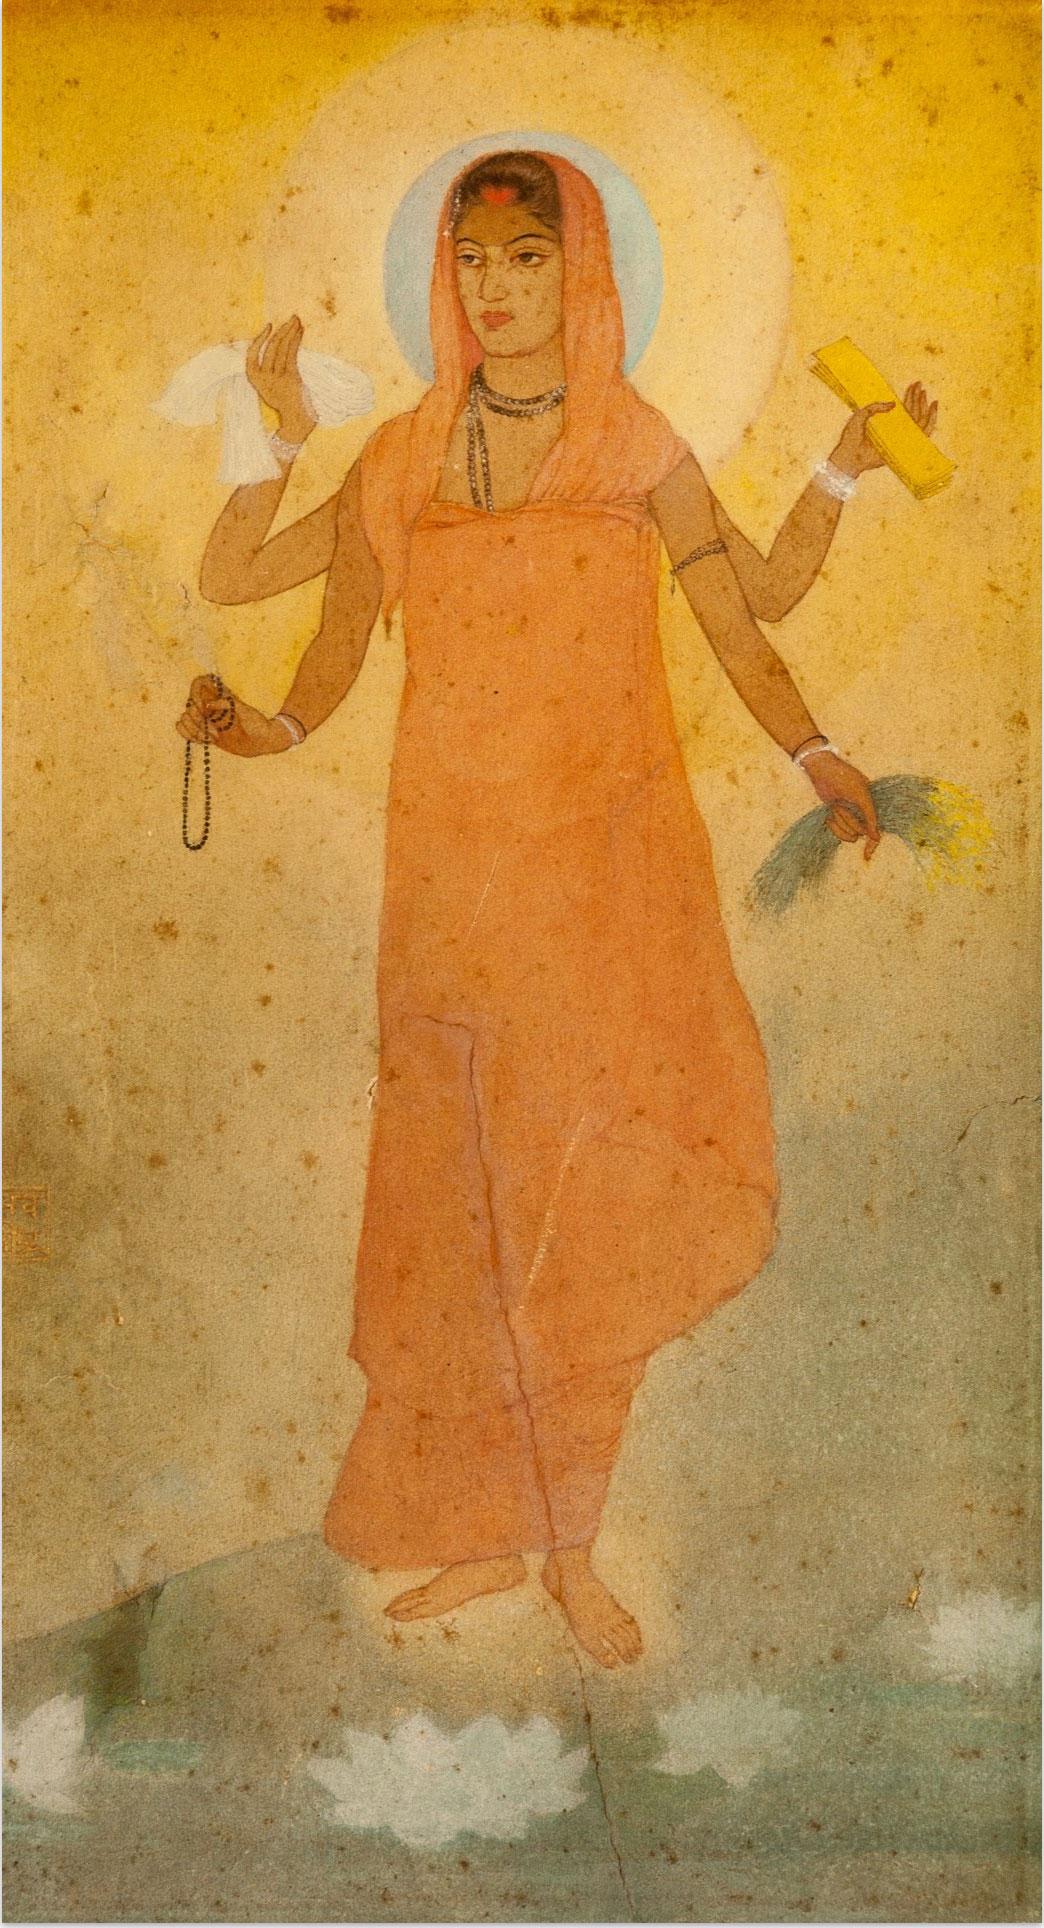 Abanindranath Tagore, Bharat Mata, 1905